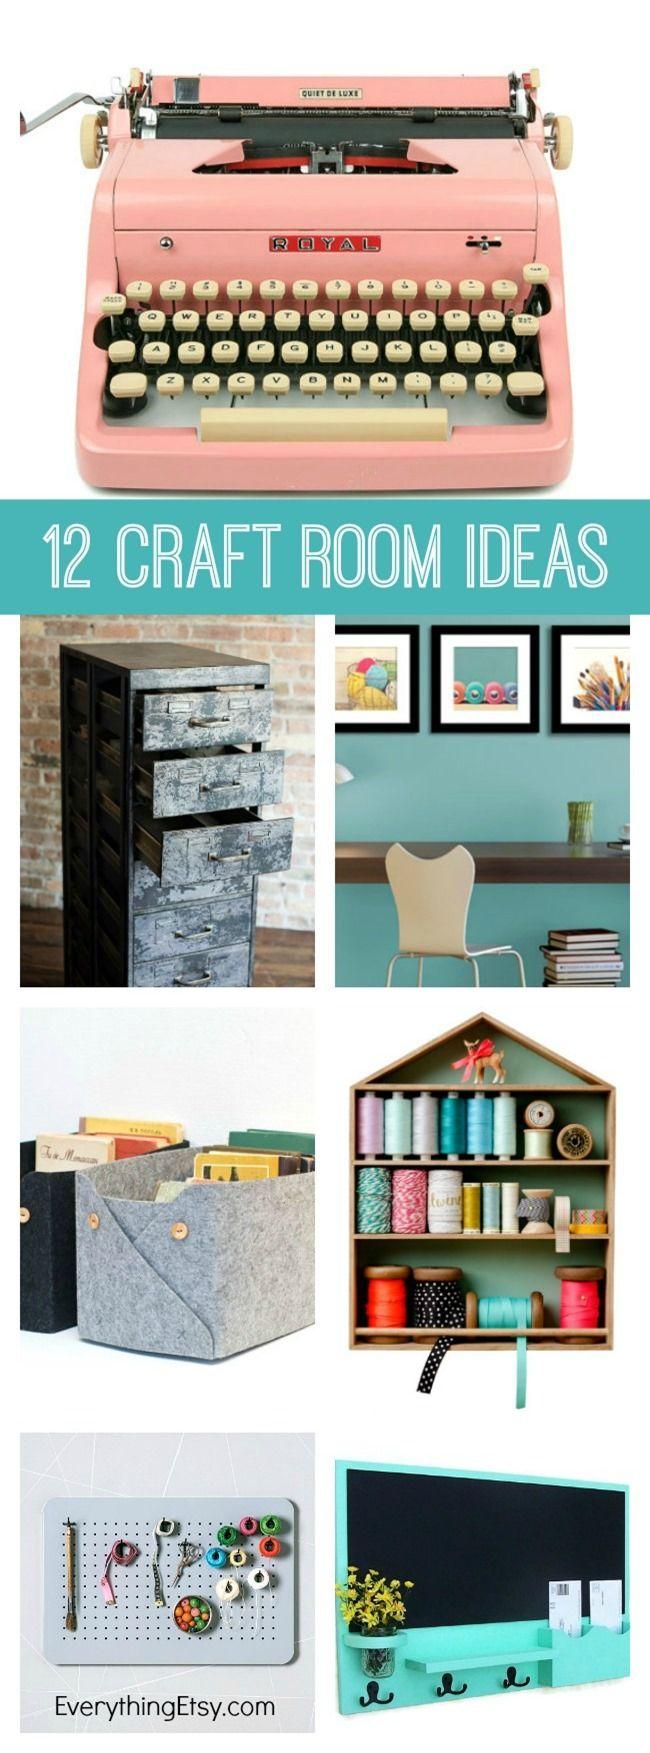 12 Craft Room Decorating Ideas On Etsy Everythingetsy